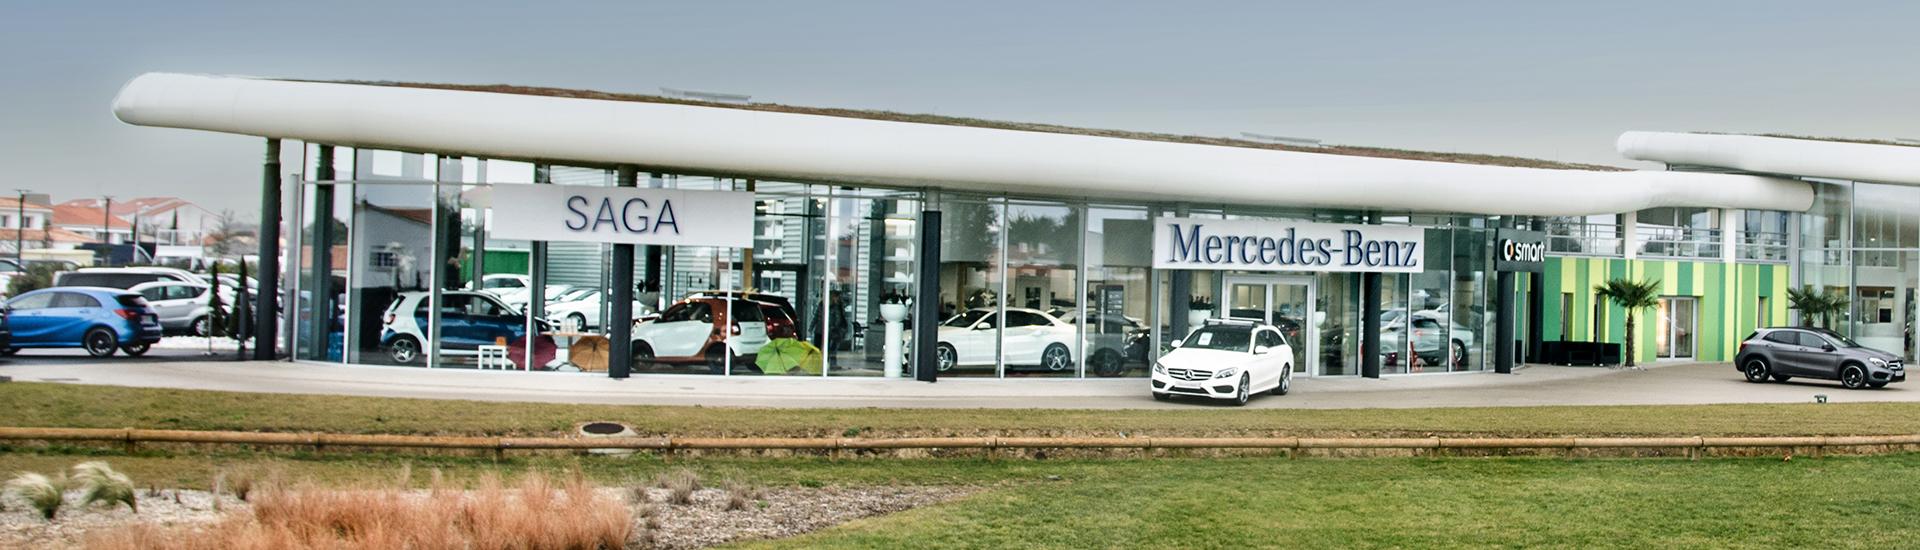 Concession SAGA Mercedes-Benz aux Sables d'Olonne